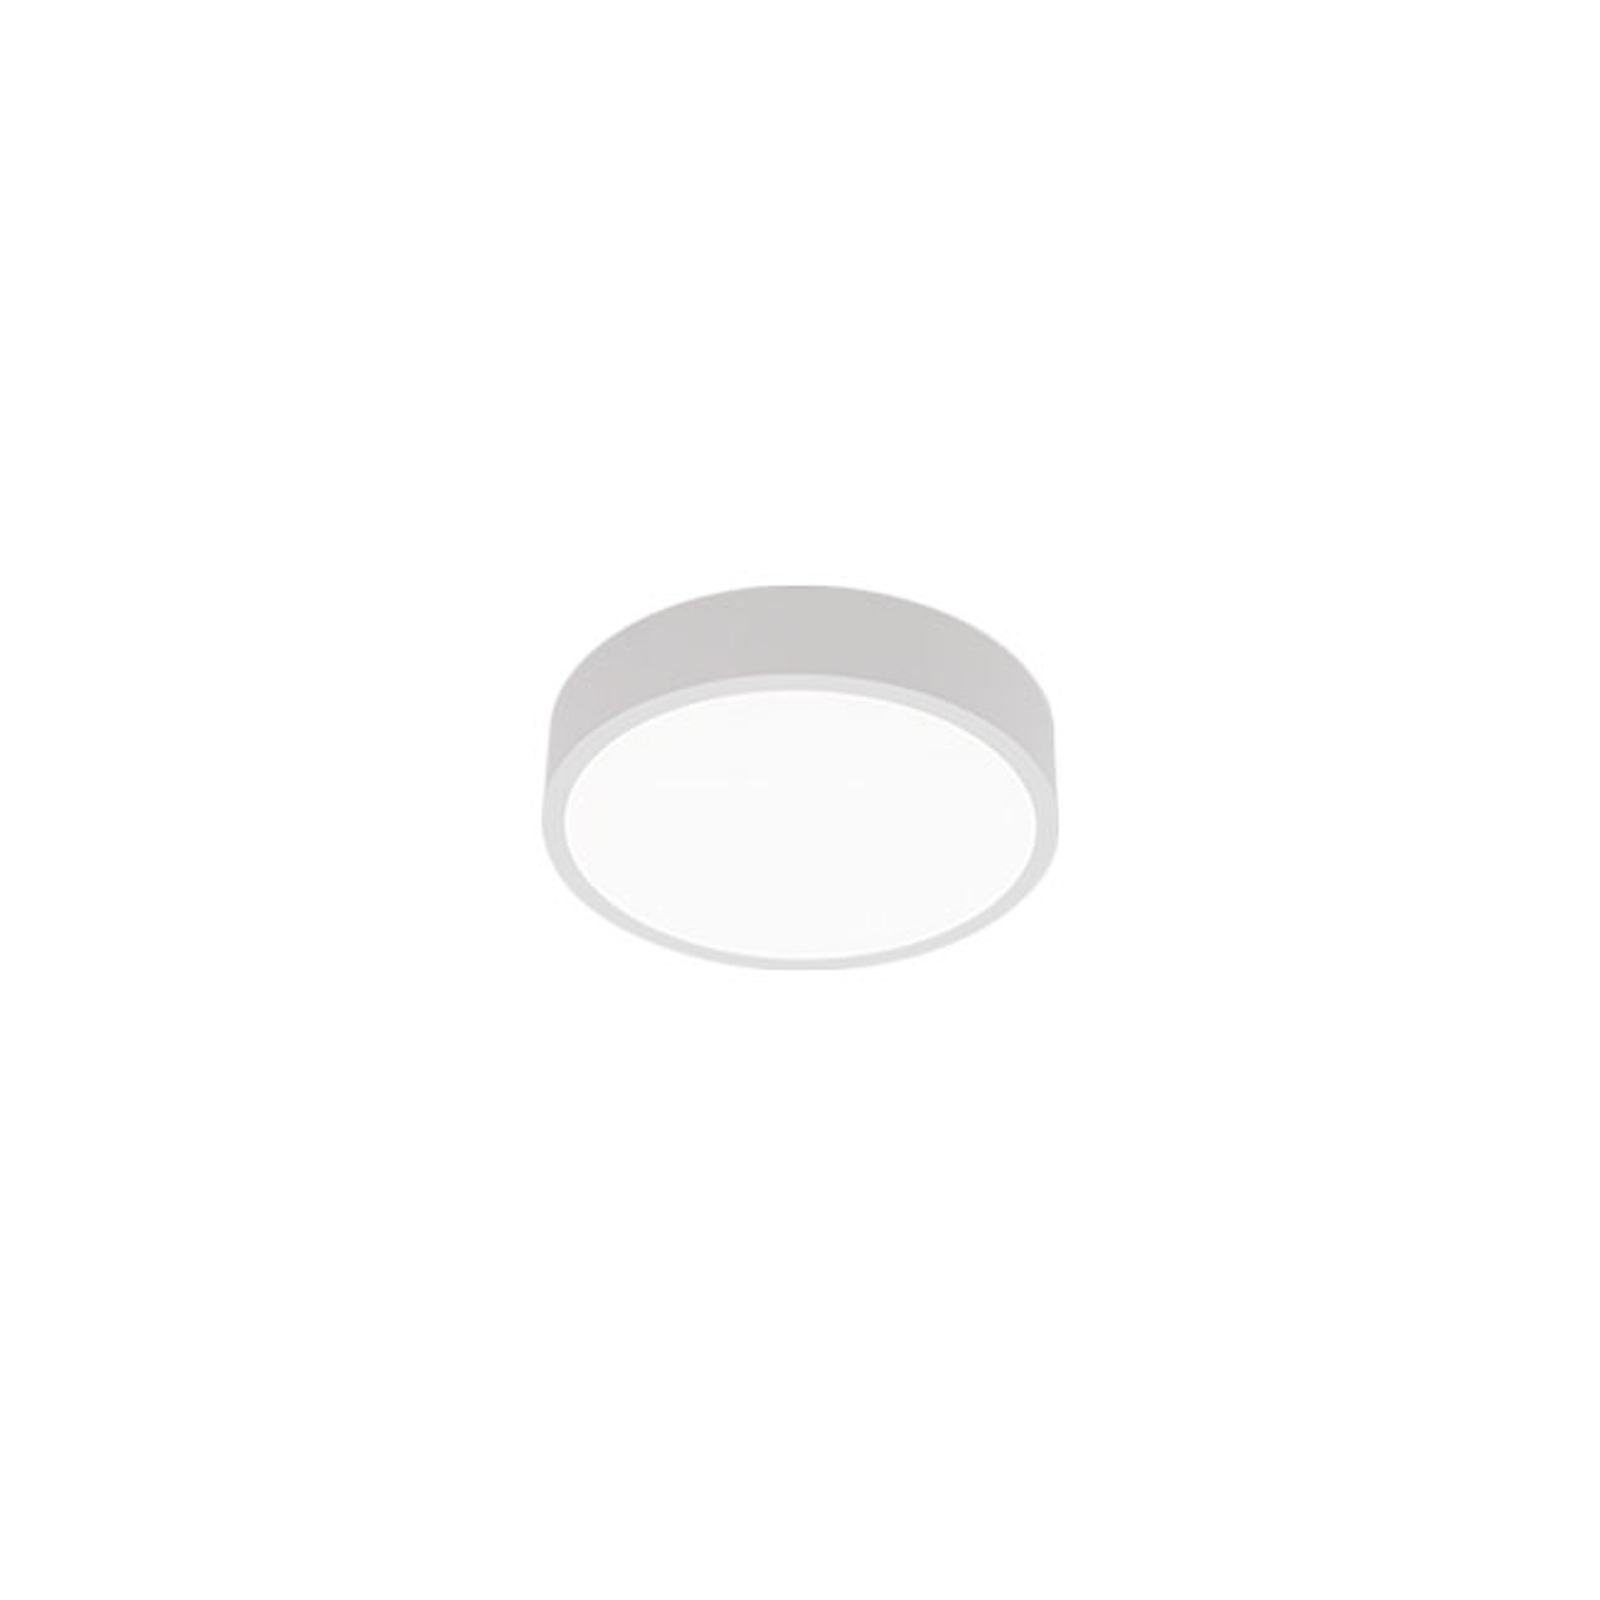 LED-kattovalaisin C90-S, Ø 42 cm 3 000 K valkoinen